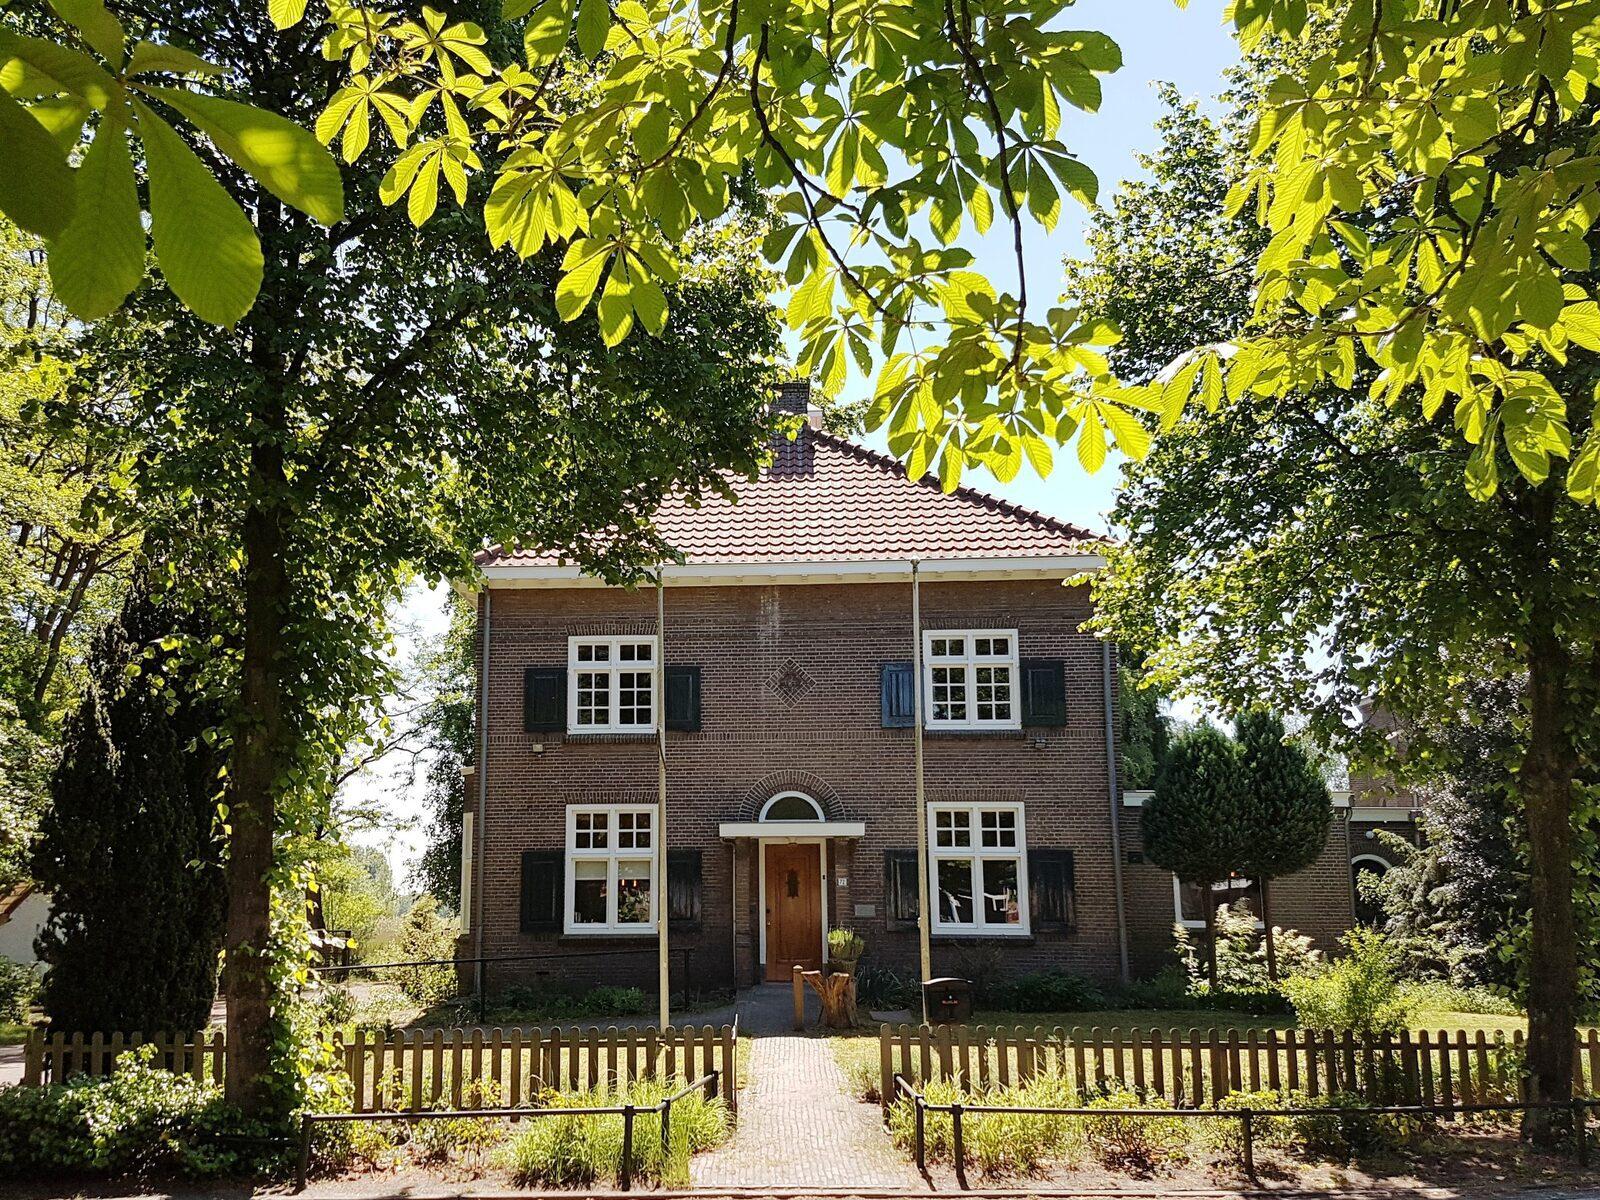 Vakantiehuis de Pastoorswoning in Brabant, vanuit huis kun je het Dommelpad lopen